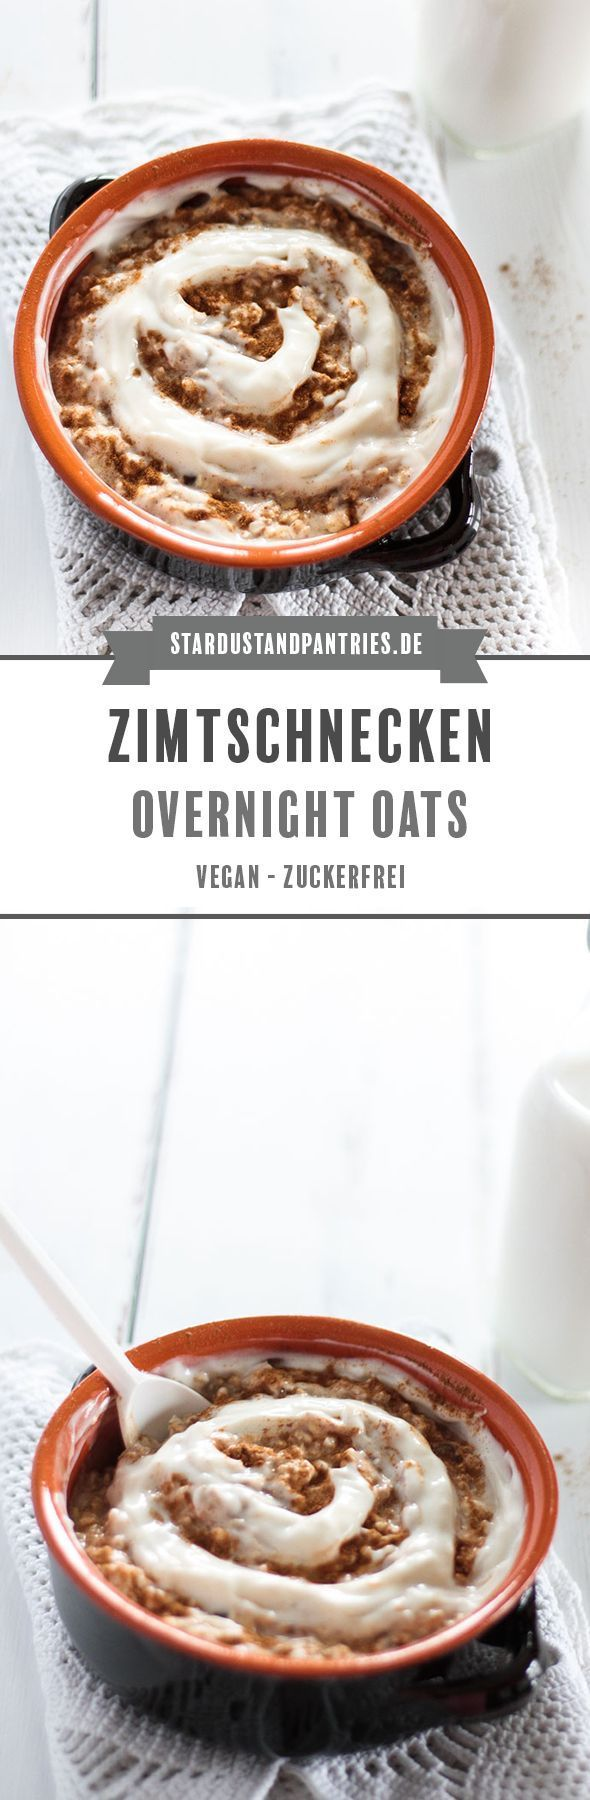 Vegan Monday von Morgenroutine und Zimtschnecken Overnight Oats